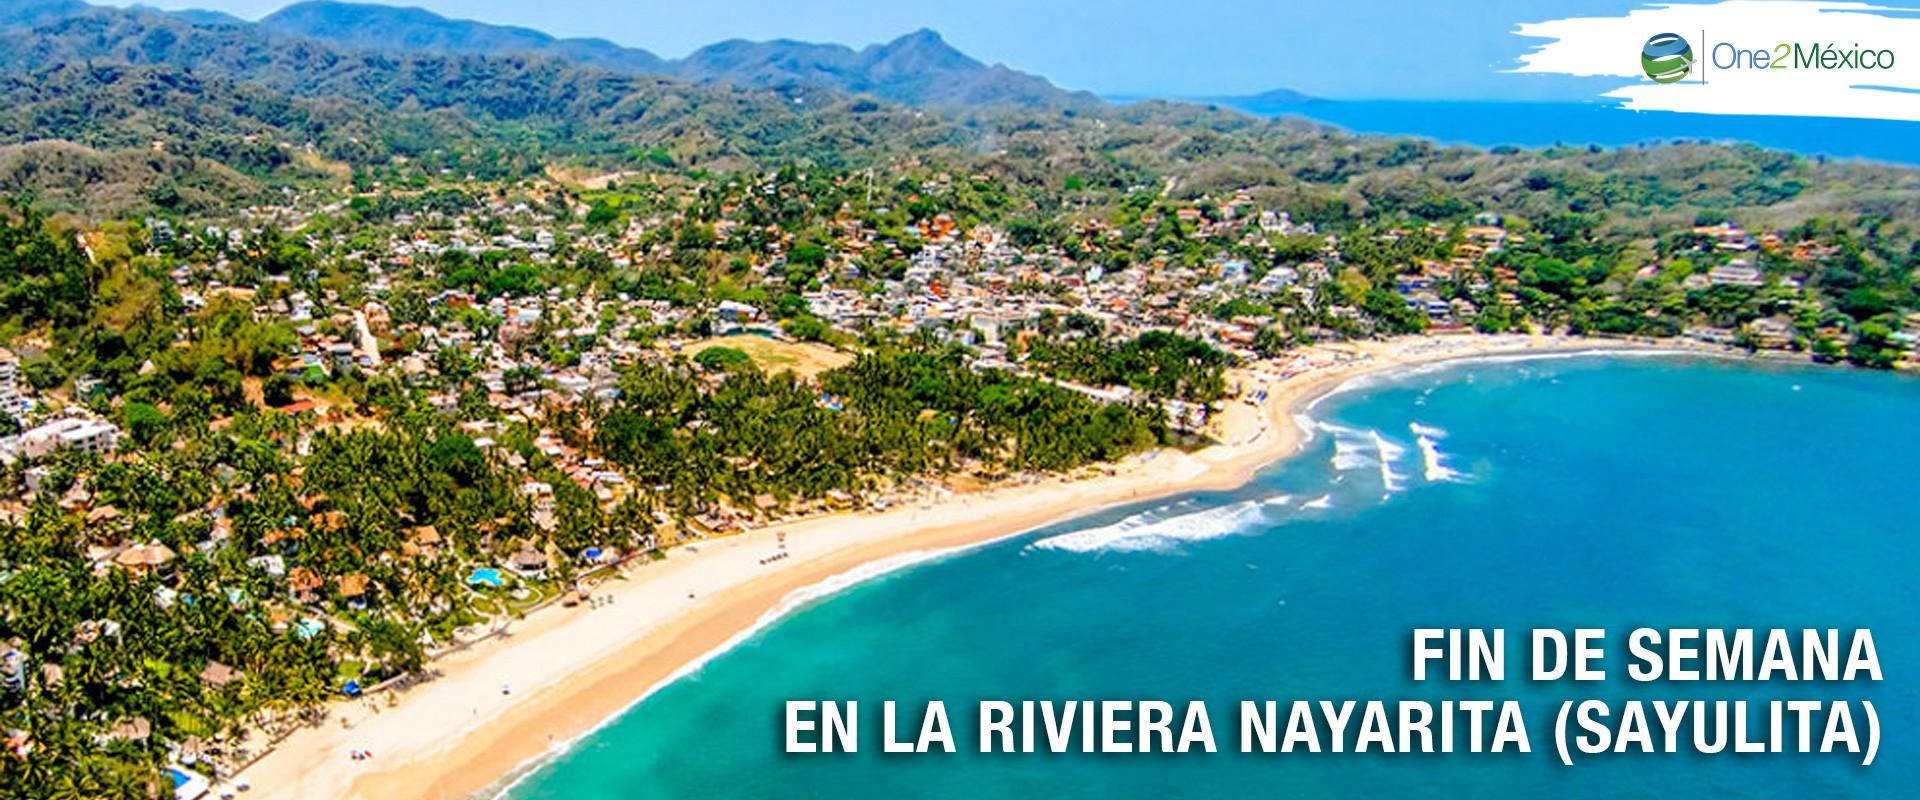 Fin de semana en la Riviera Nayarita (Sayulita).